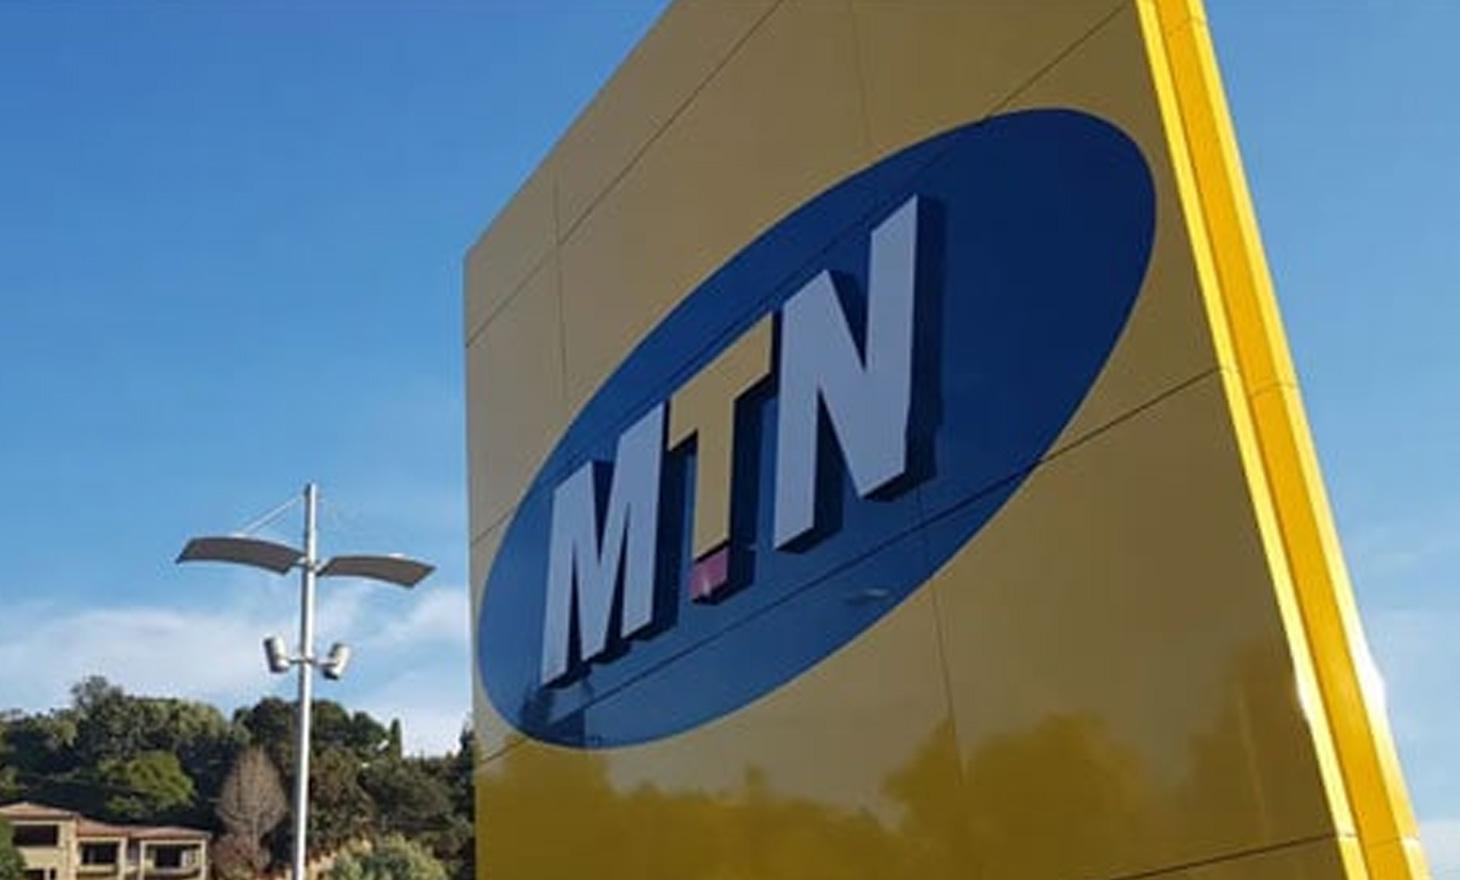 حارس قضائي على MTN السورية وMTN الإفريقية تعترض